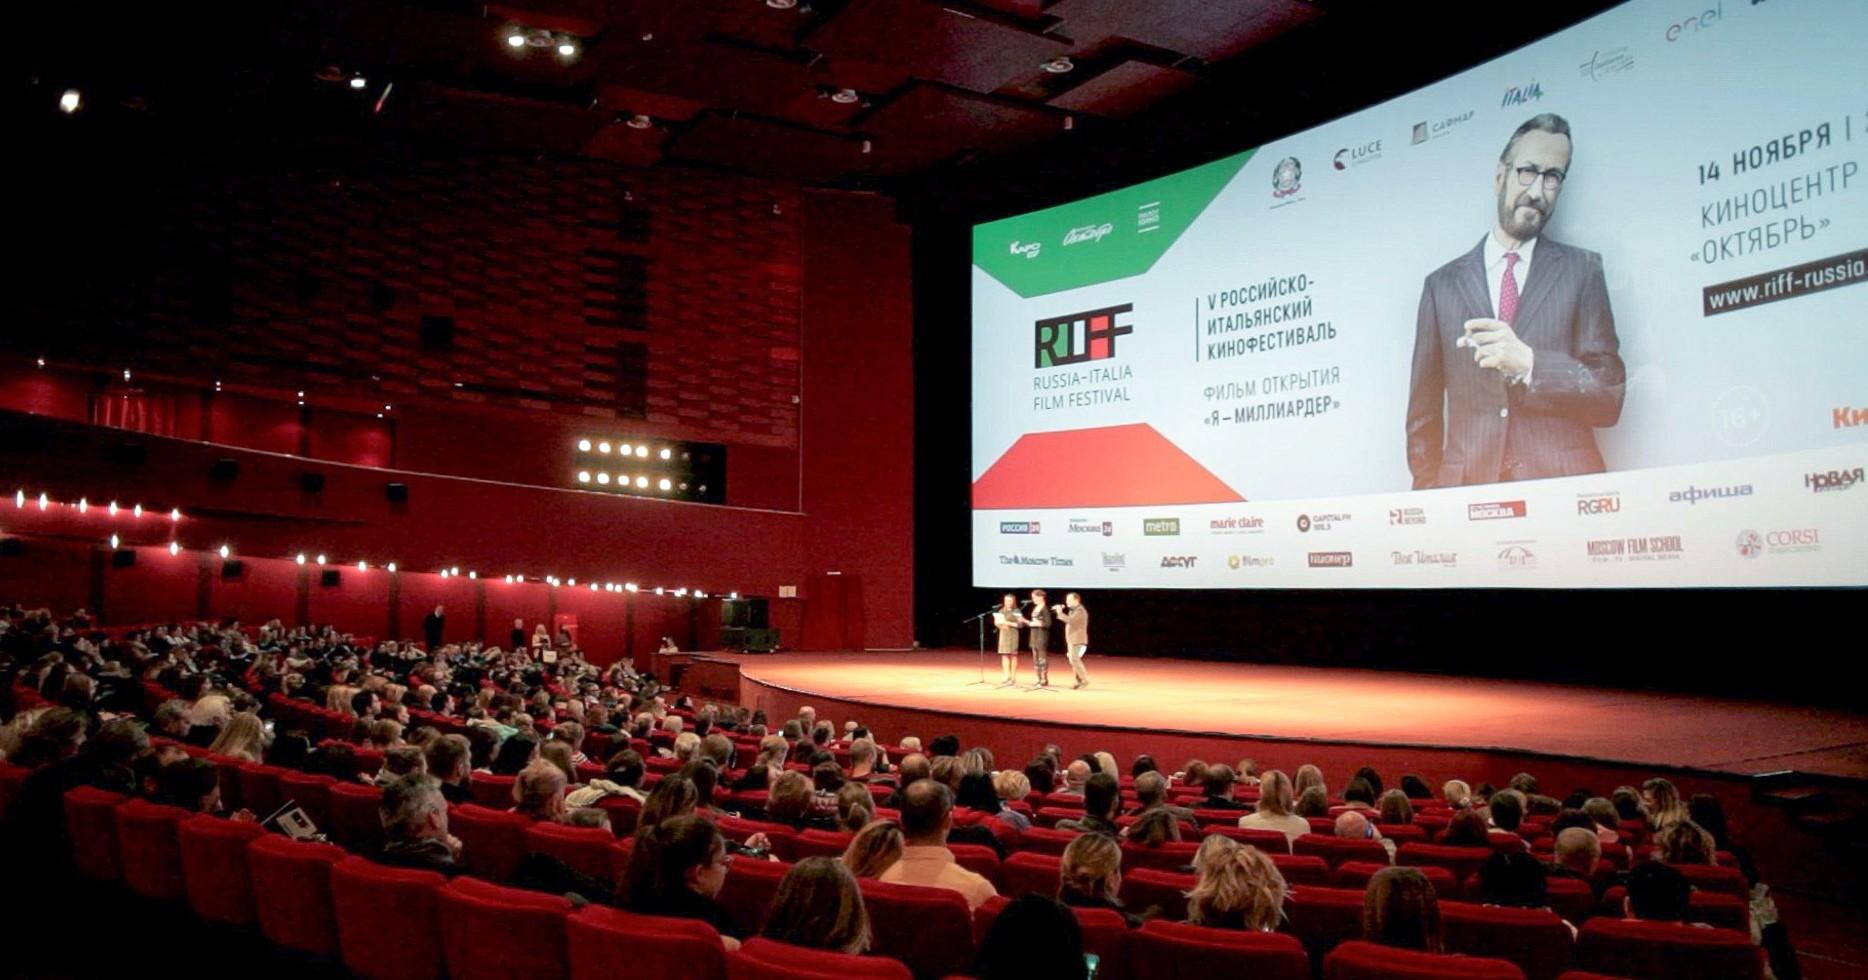 L'edizione 2018 del festival RIFF